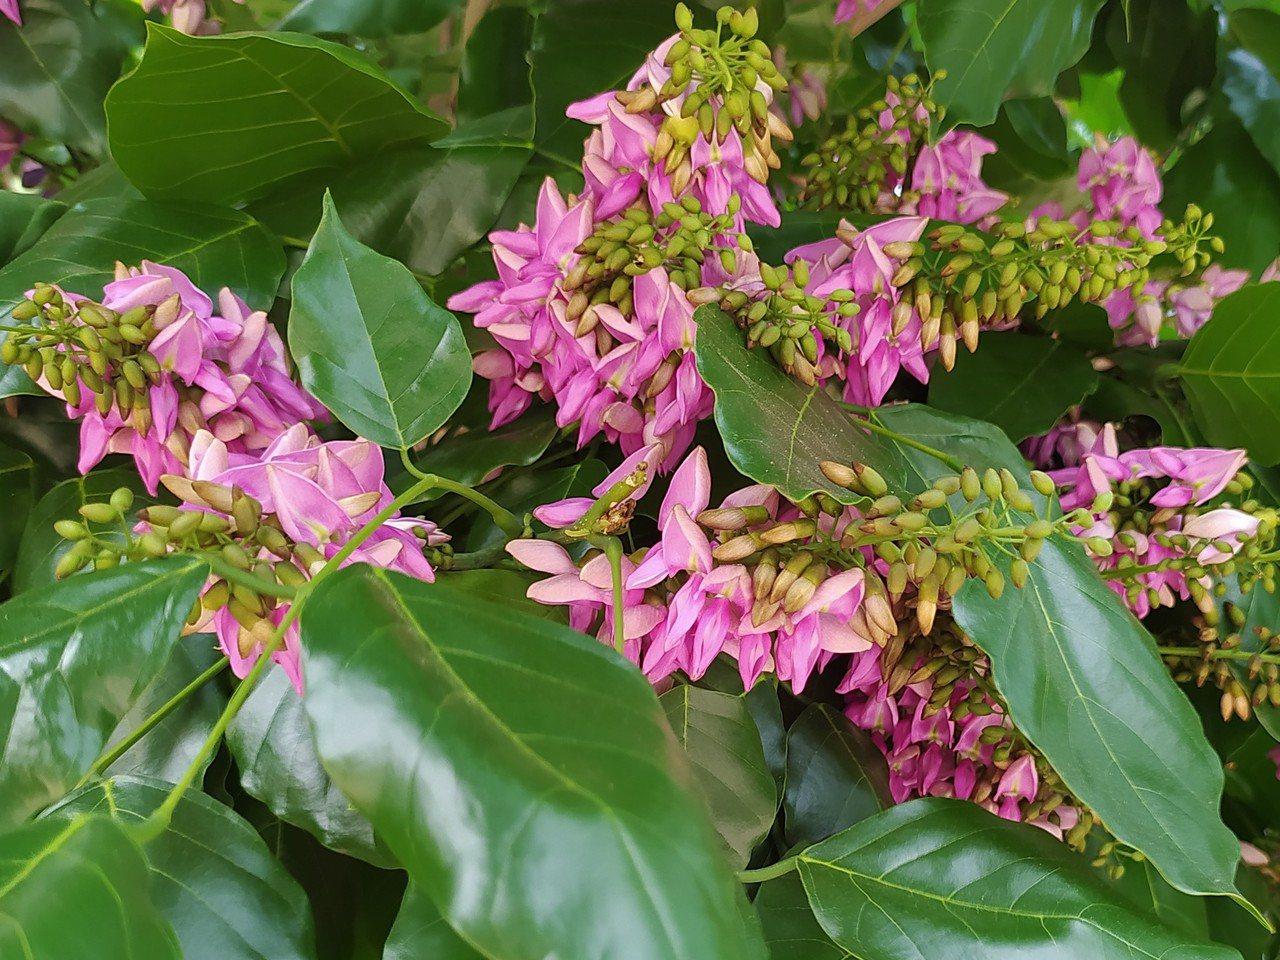 水黃皮每年開花兩次,分別為春季4至5月、秋季9至10月。 圖/沈正柔 提供